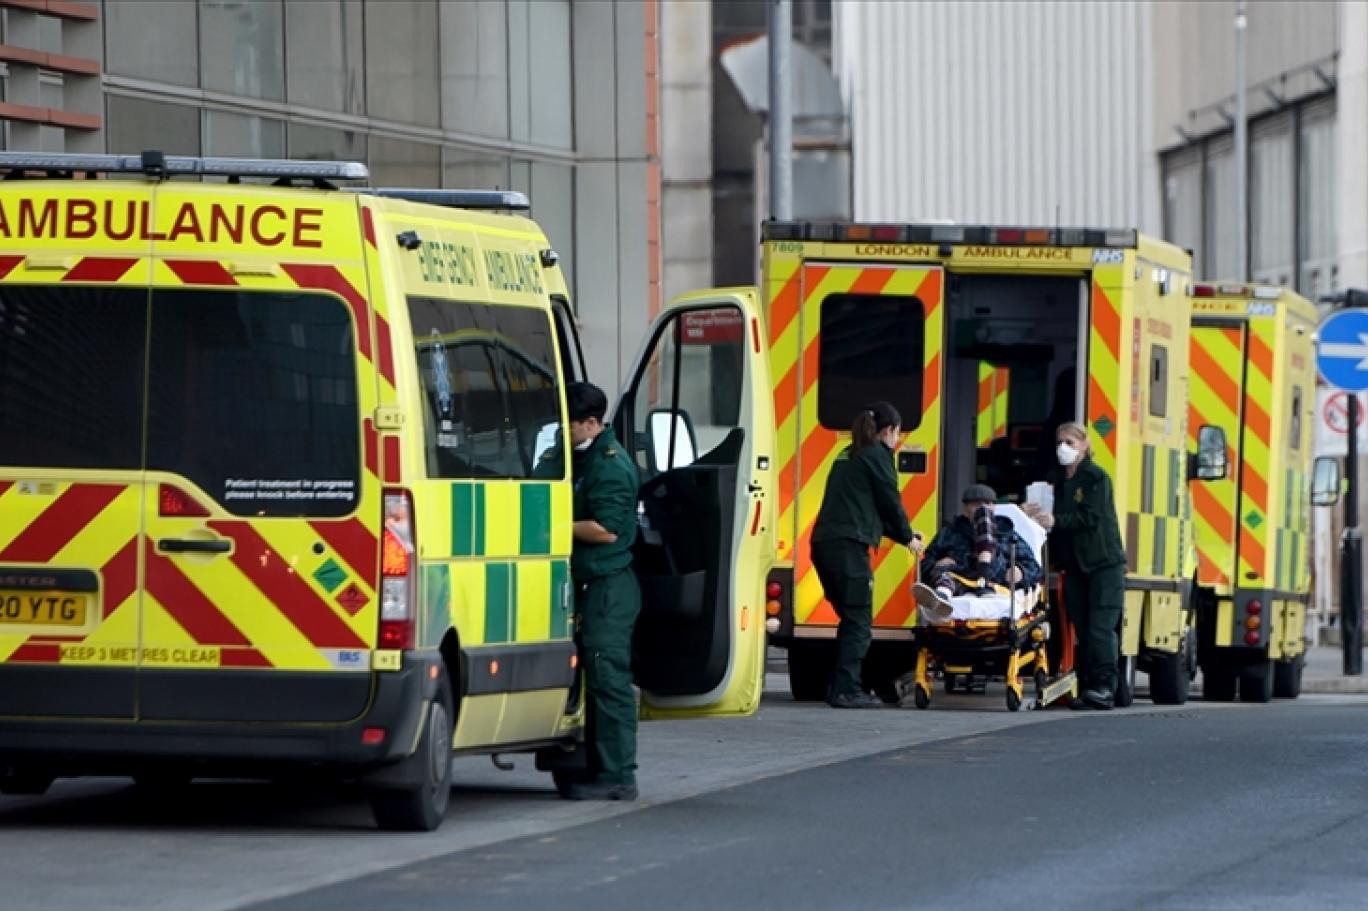 Birleşik Krallık'ta vaka sayısı 4 ayın en yüksek seviyesine ulaştı